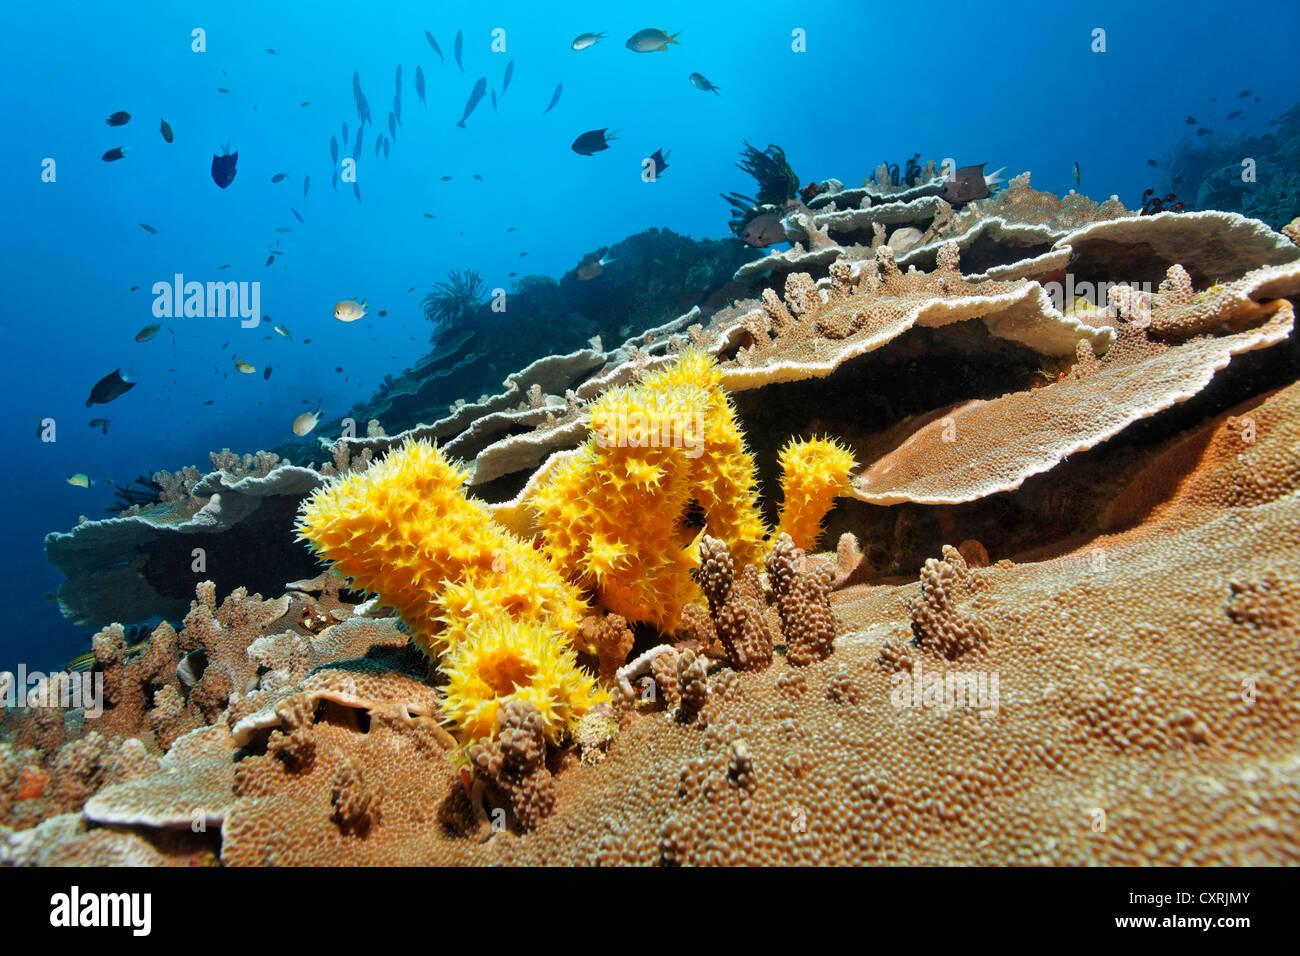 Paysages sous-marins, récifs, éponge jaune non identifiés (Porifères), les coraux et les poissons Photo Stock